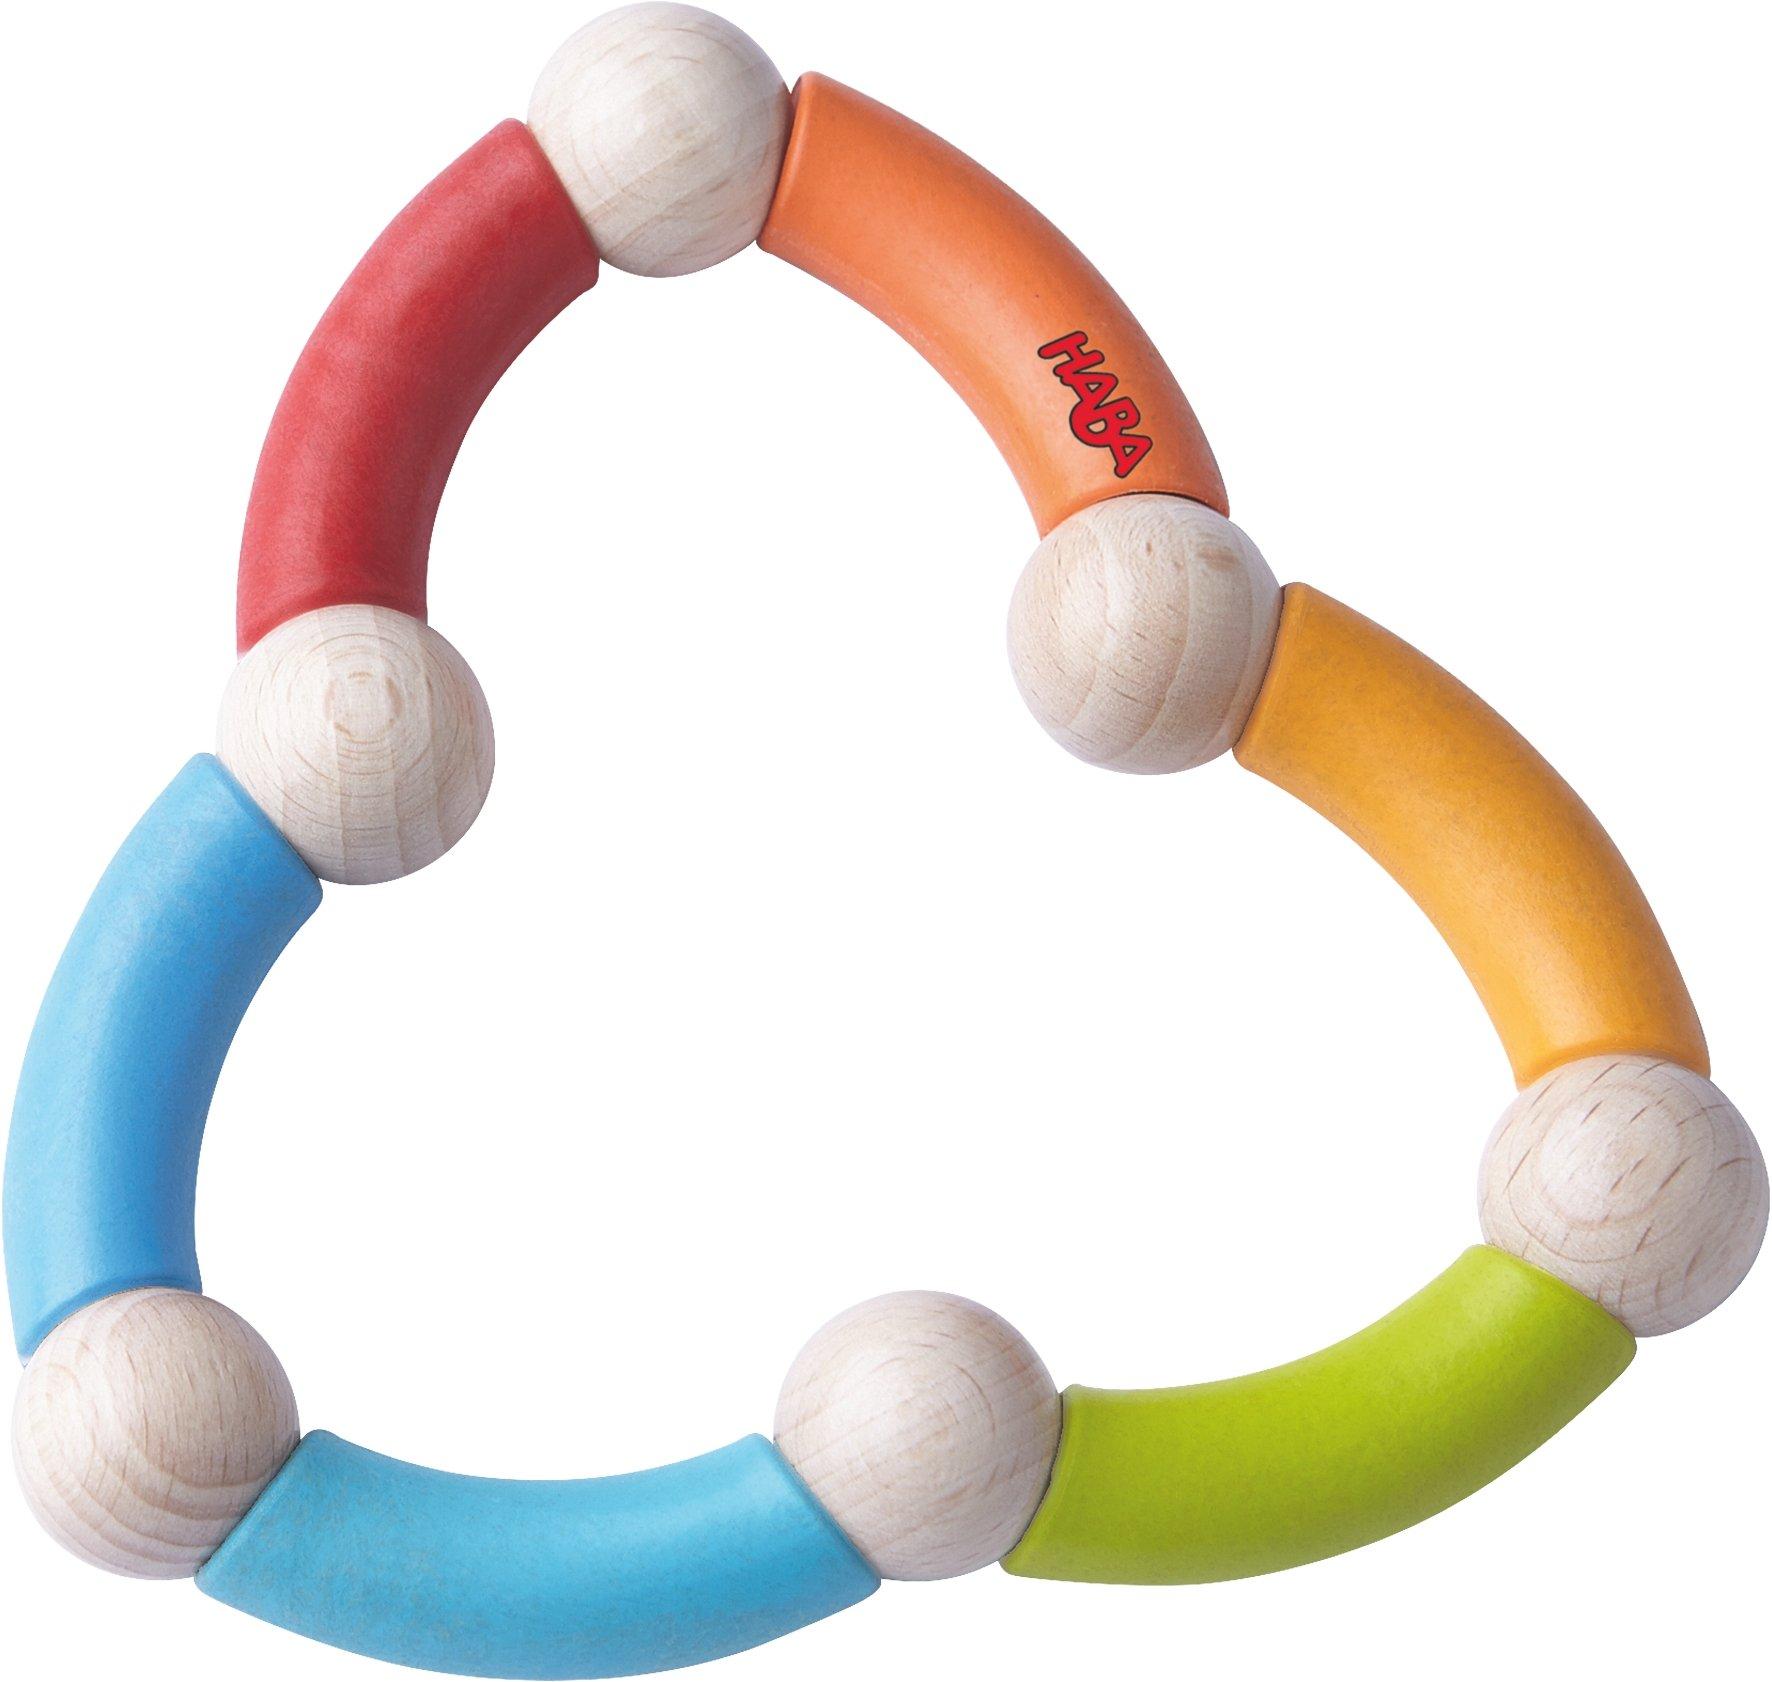 Kleinkindspielzeug Greifling Noppi Haba 300425